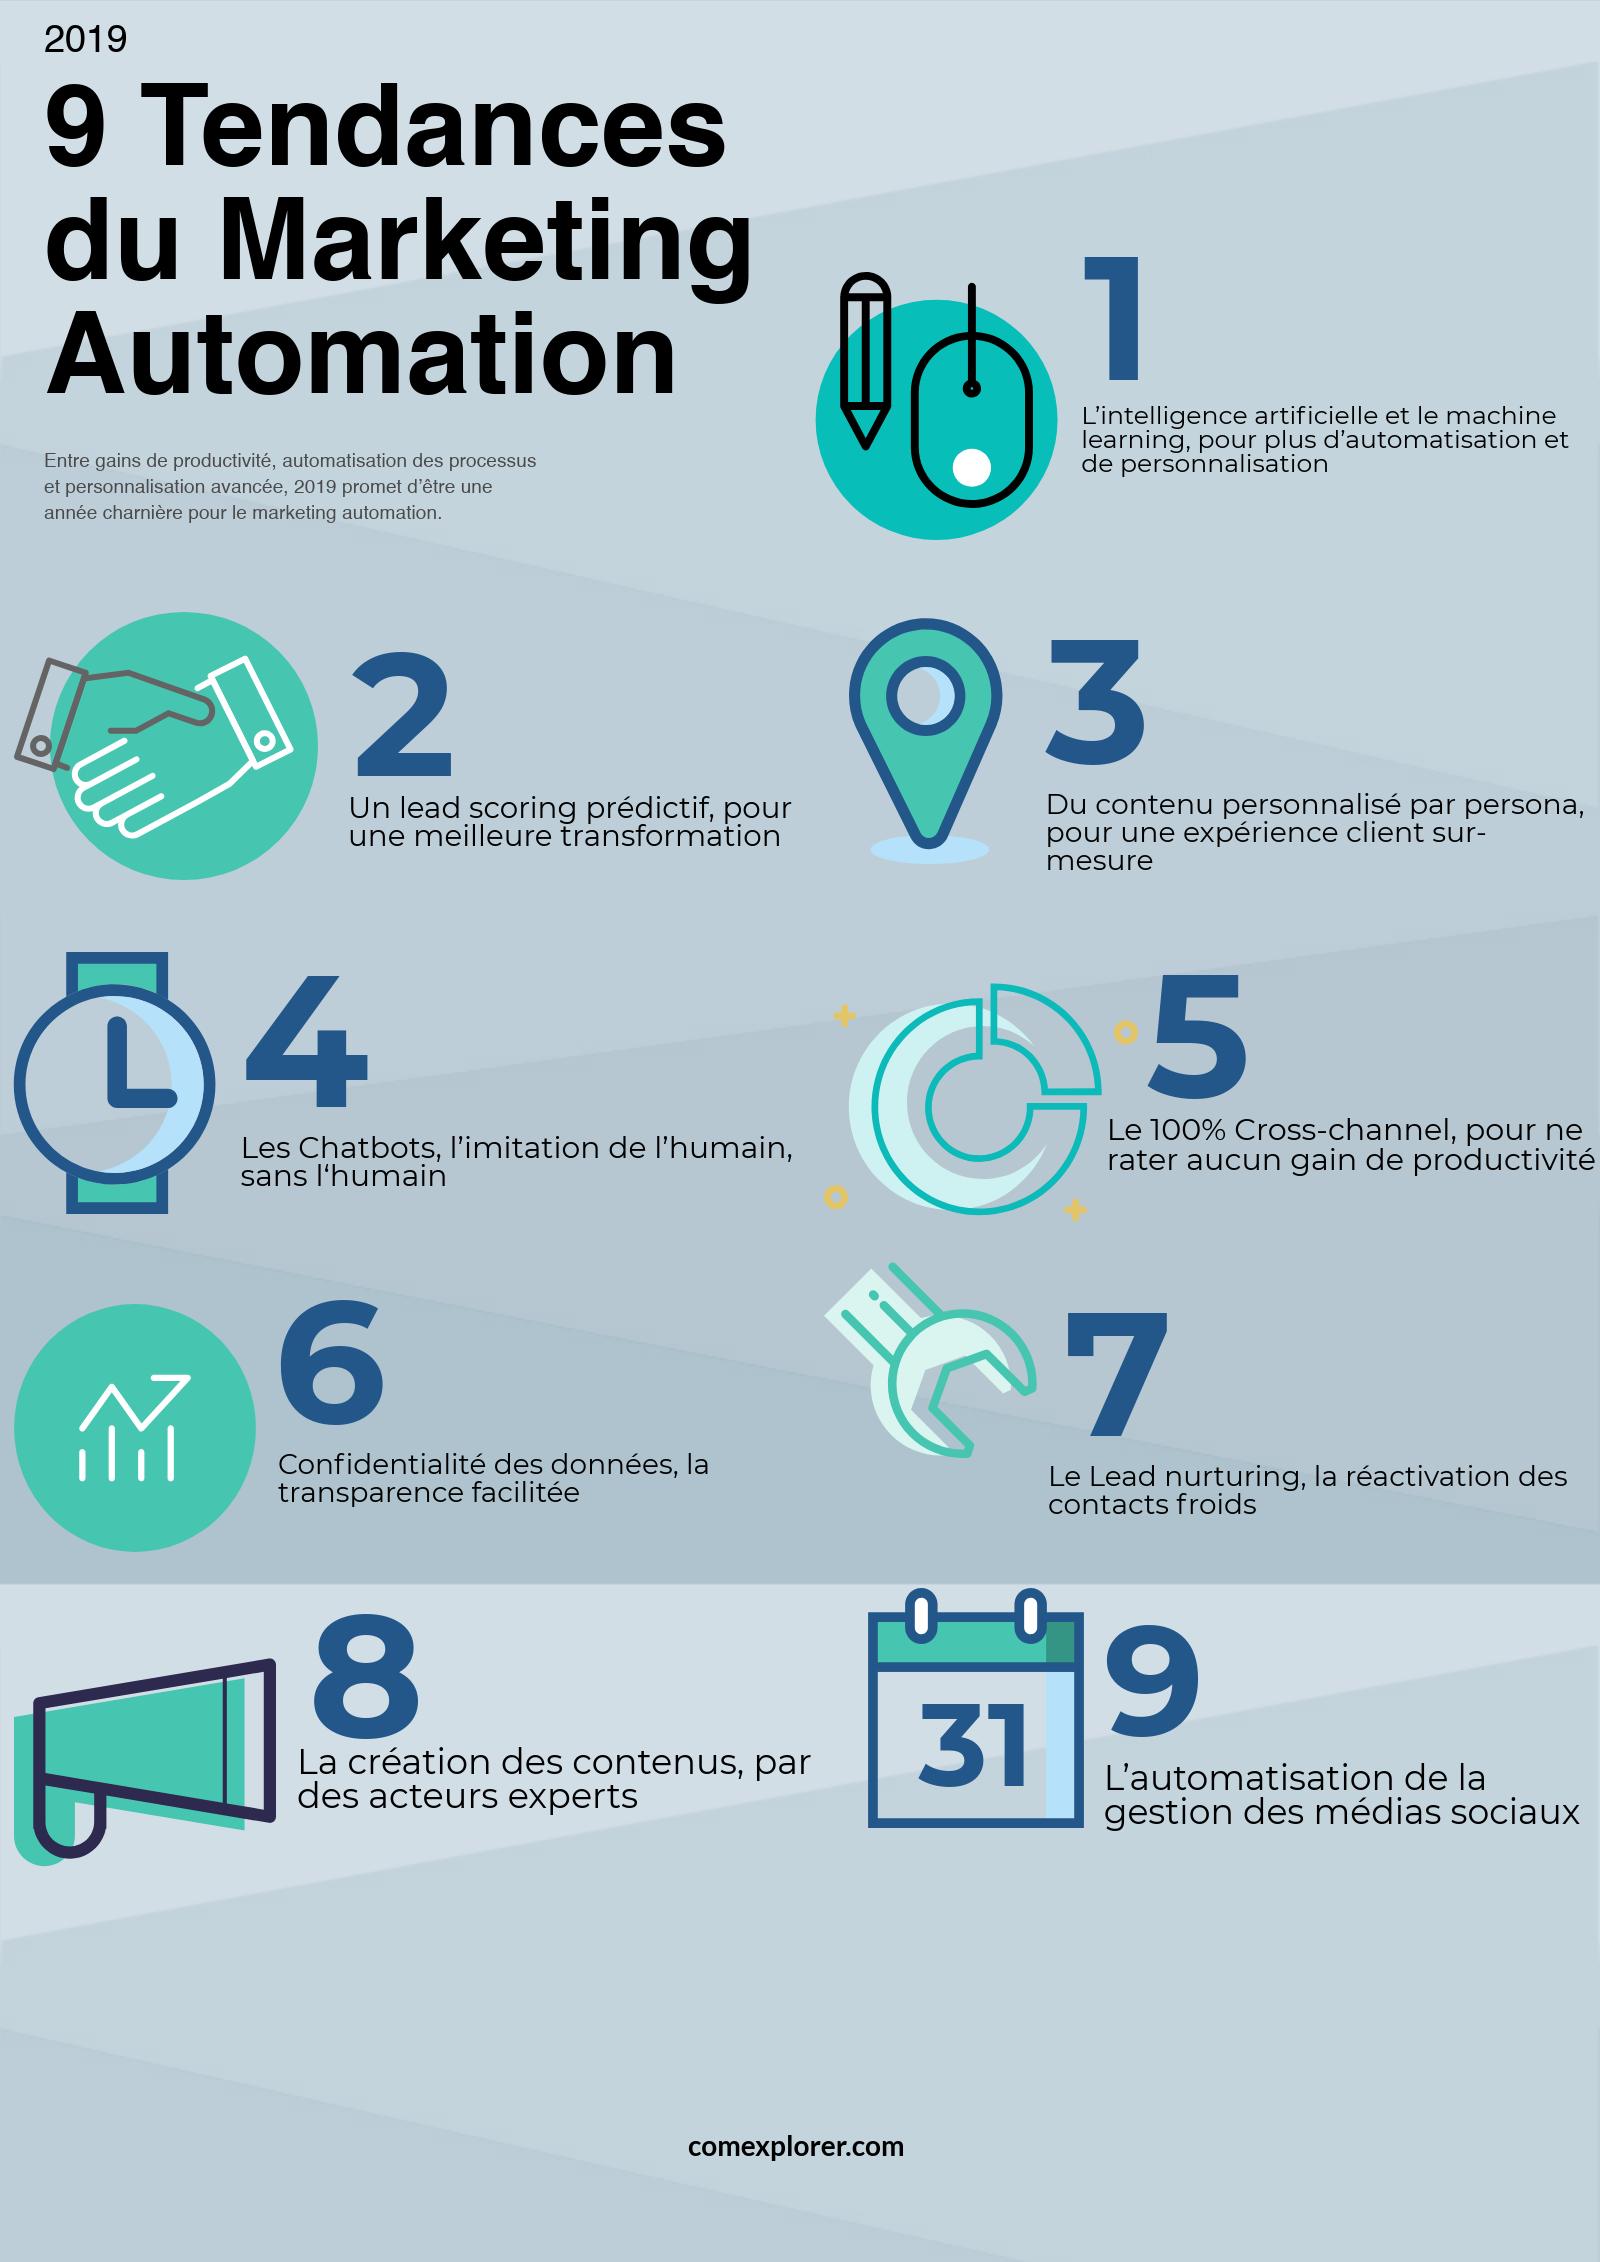 infographie-2019-tendances-marketing-automation